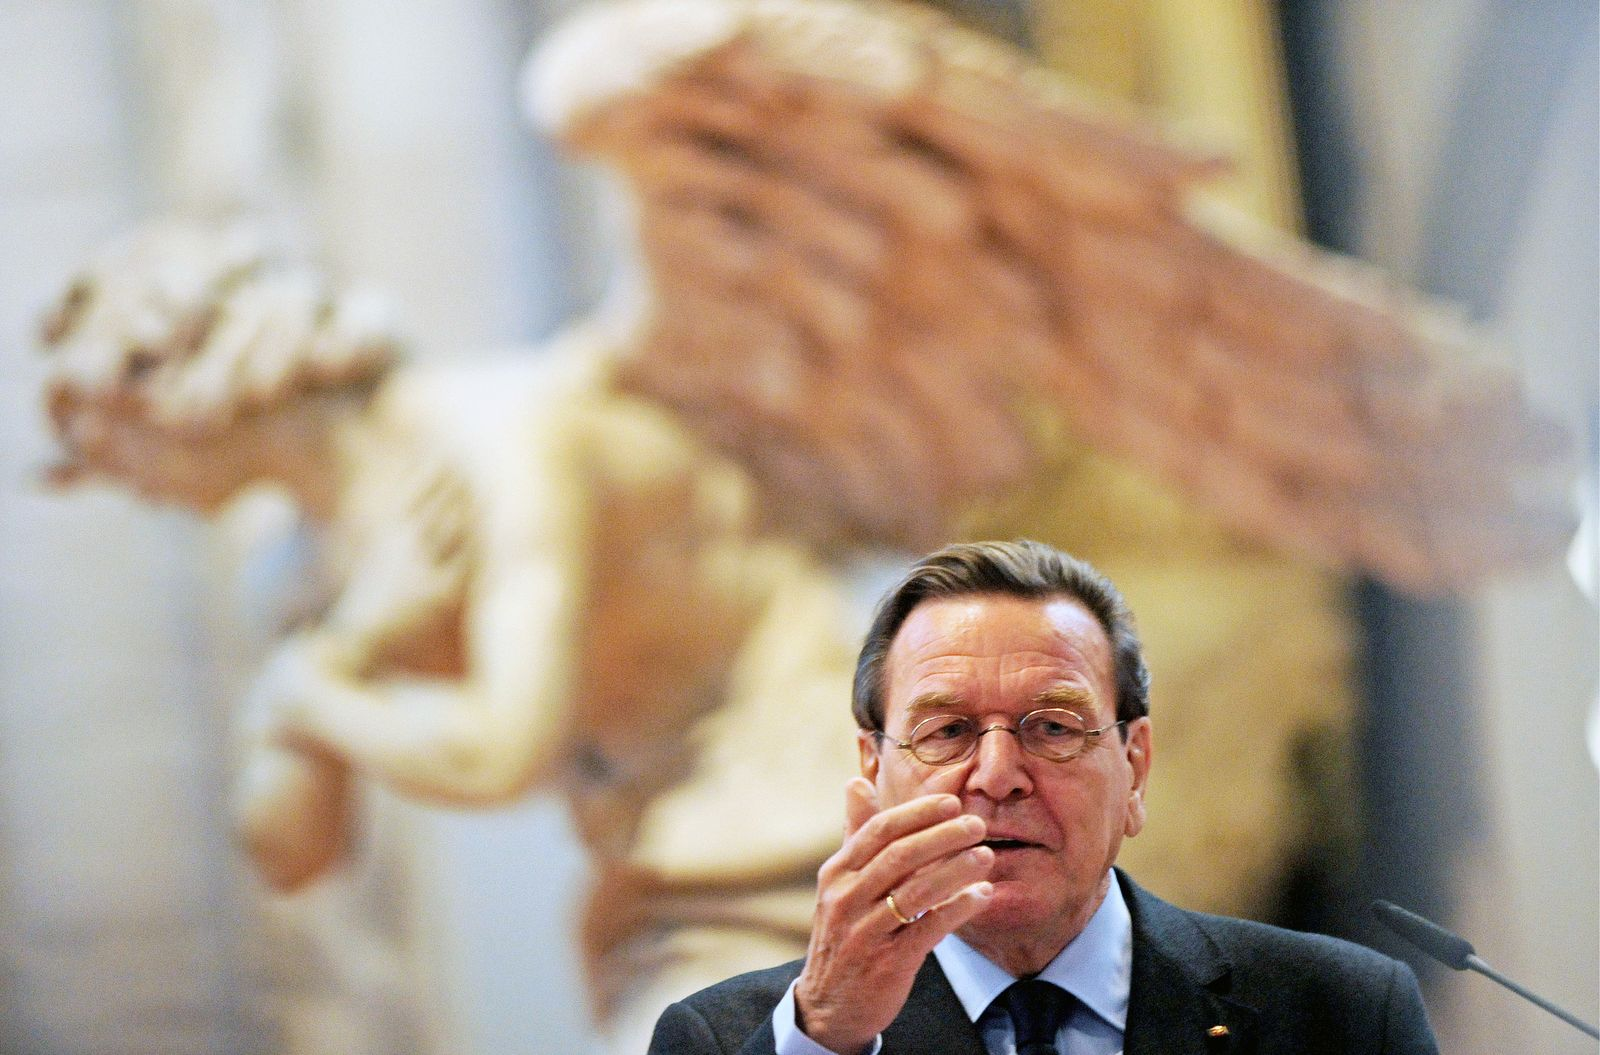 NICHT VERWENDEN Gerhard Schröder